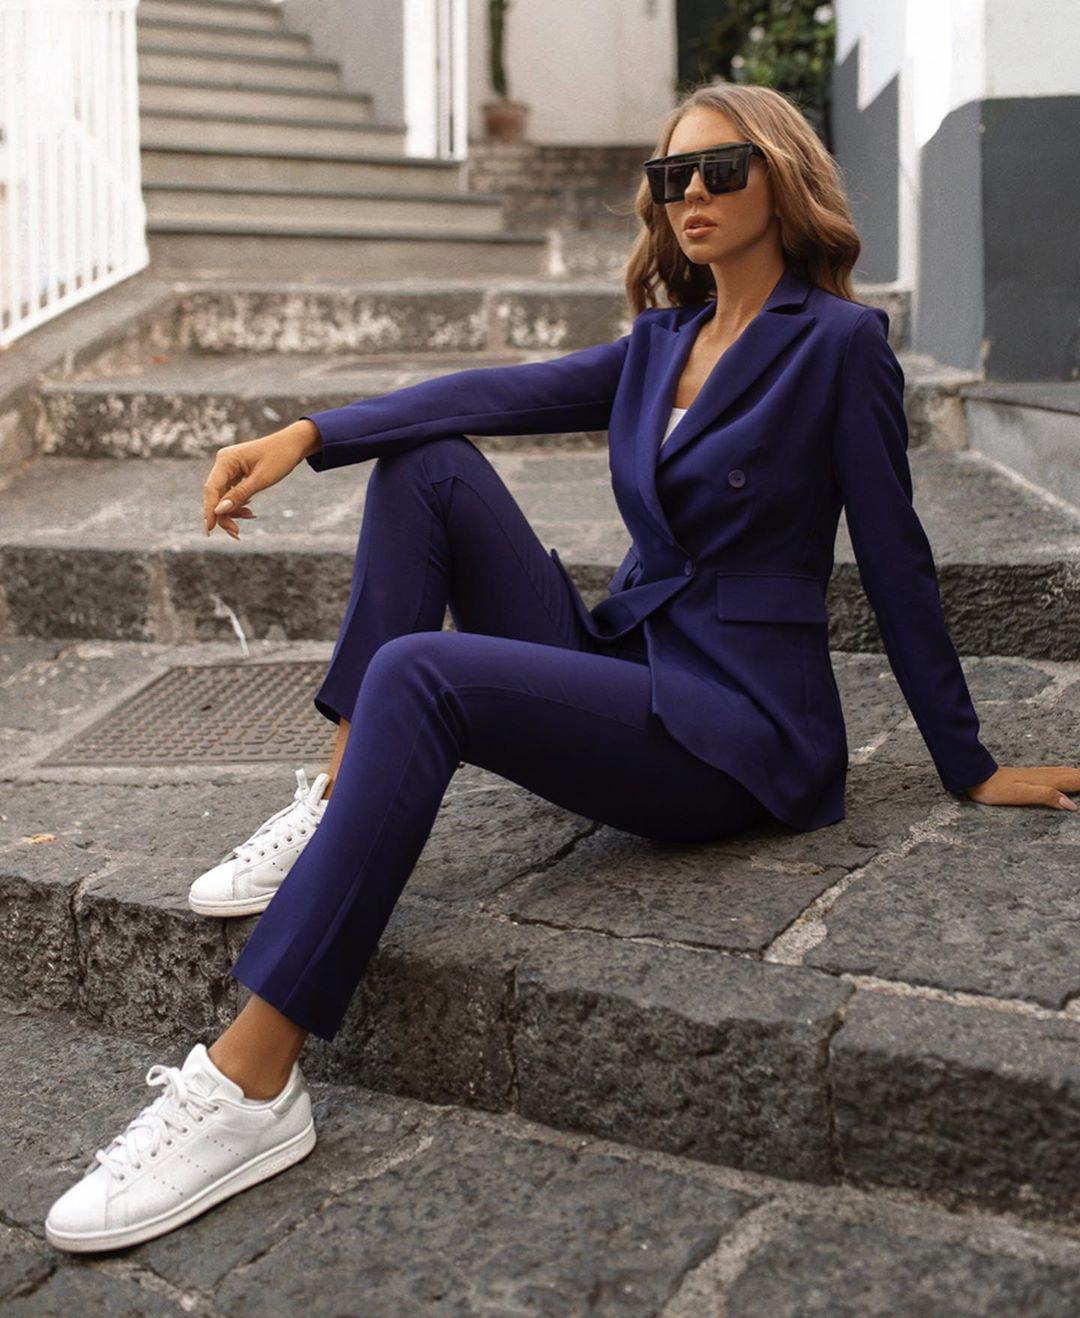 Белые кроссовки + брюки: самые удачные сочетания - 3